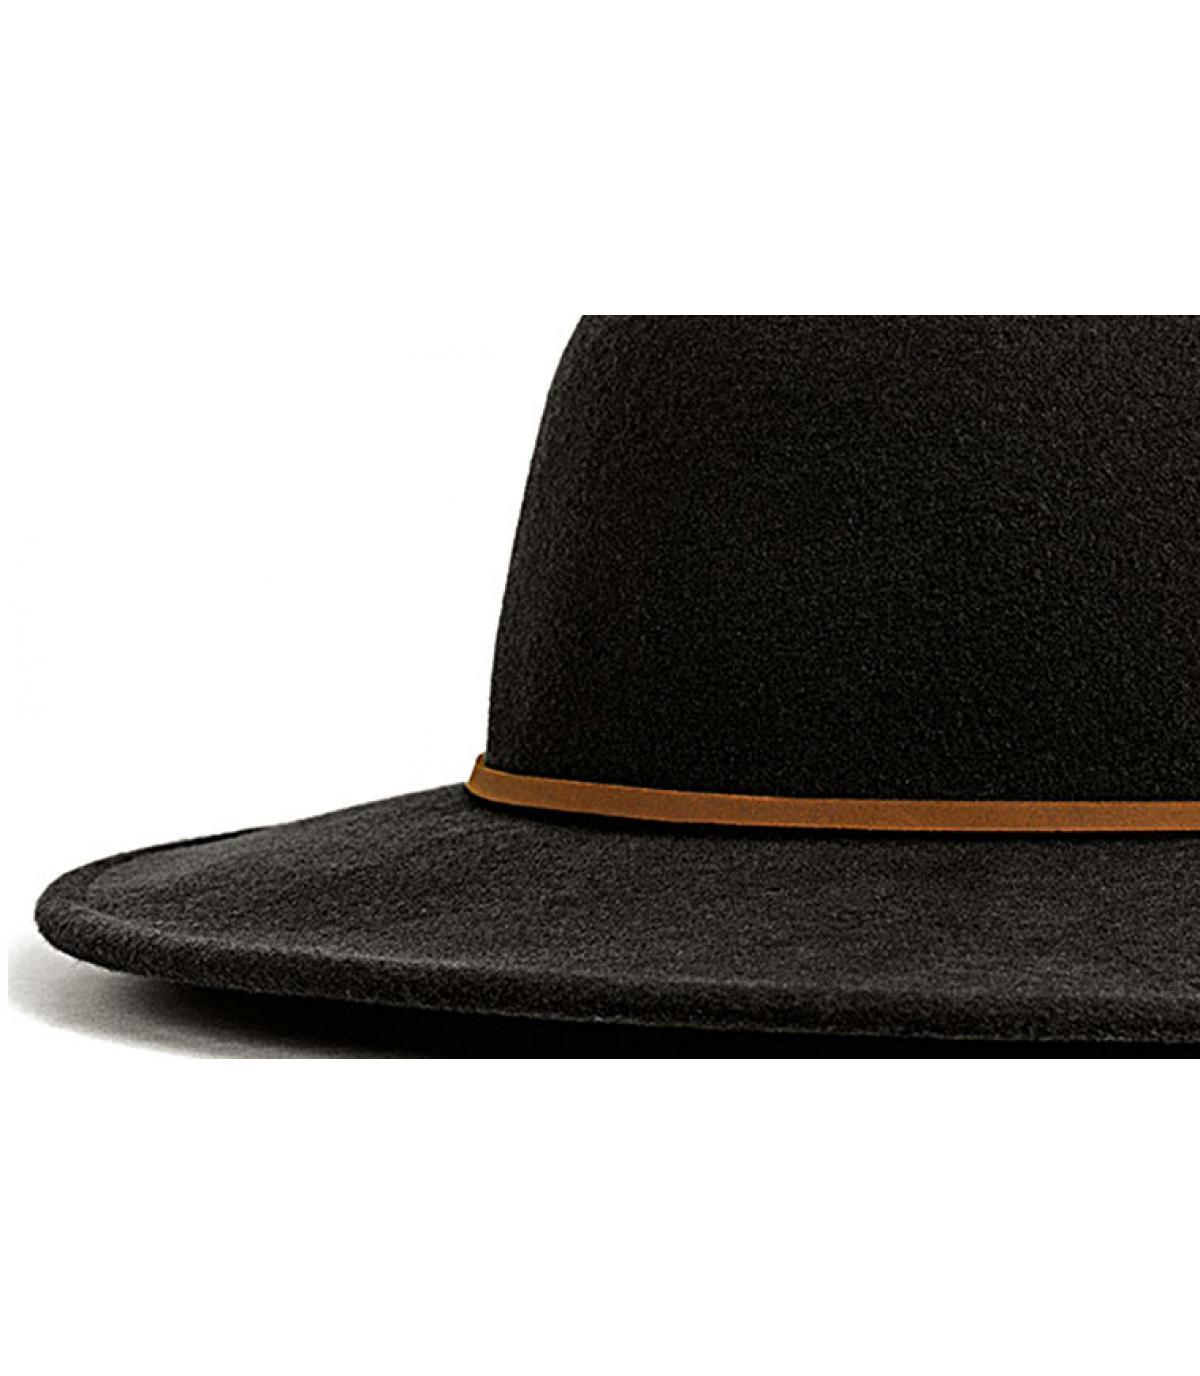 Details Tiller zwarte hoed - afbeeling 2